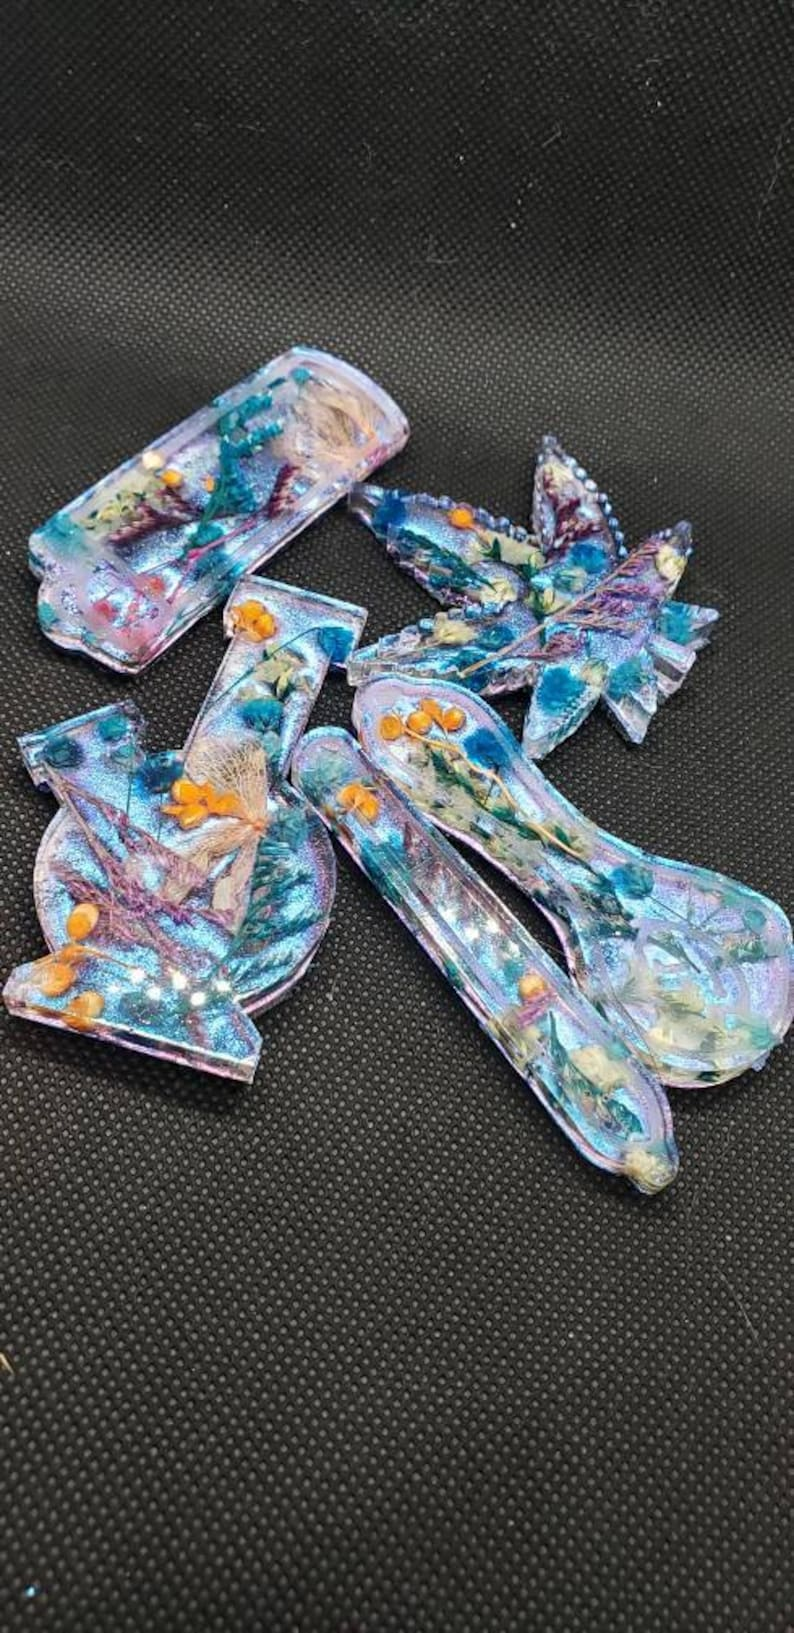 Set 420 floral chameleon shift pendants